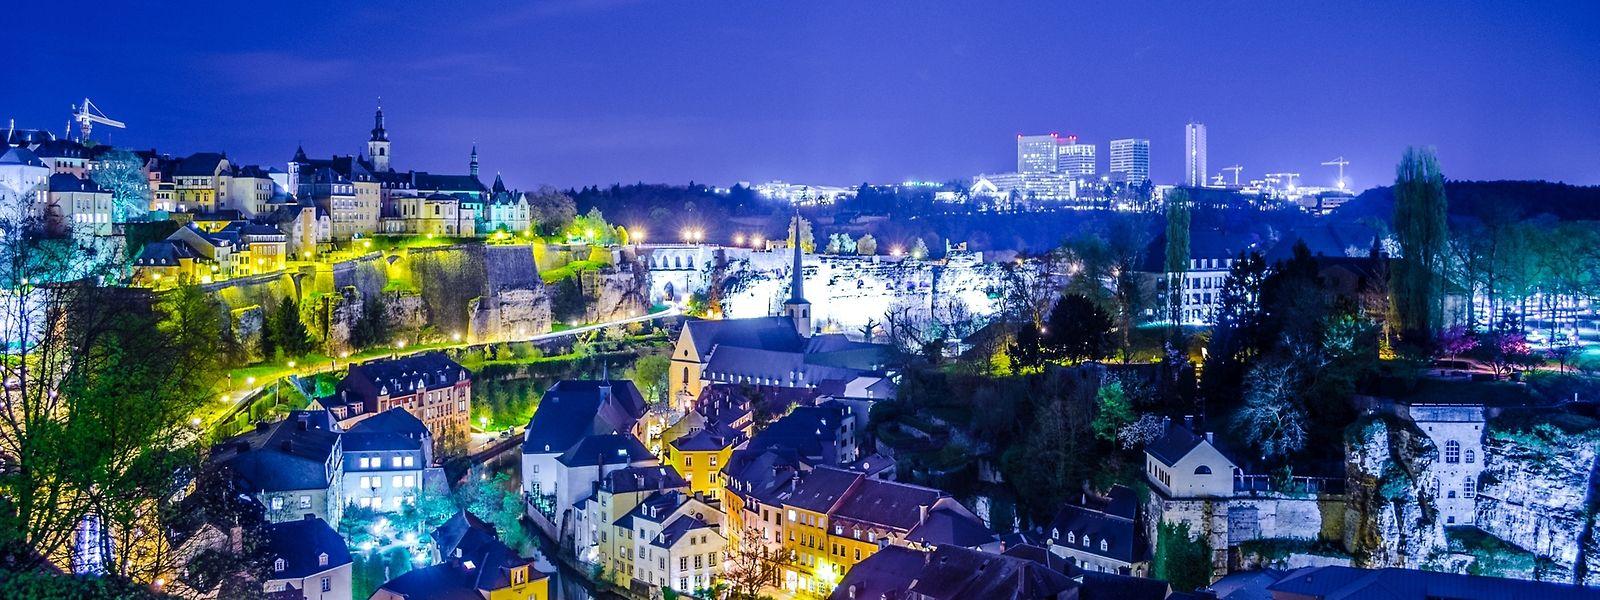 Le Luxembourg est le pays le plus attractif au monde sur le plan de la sécurité.